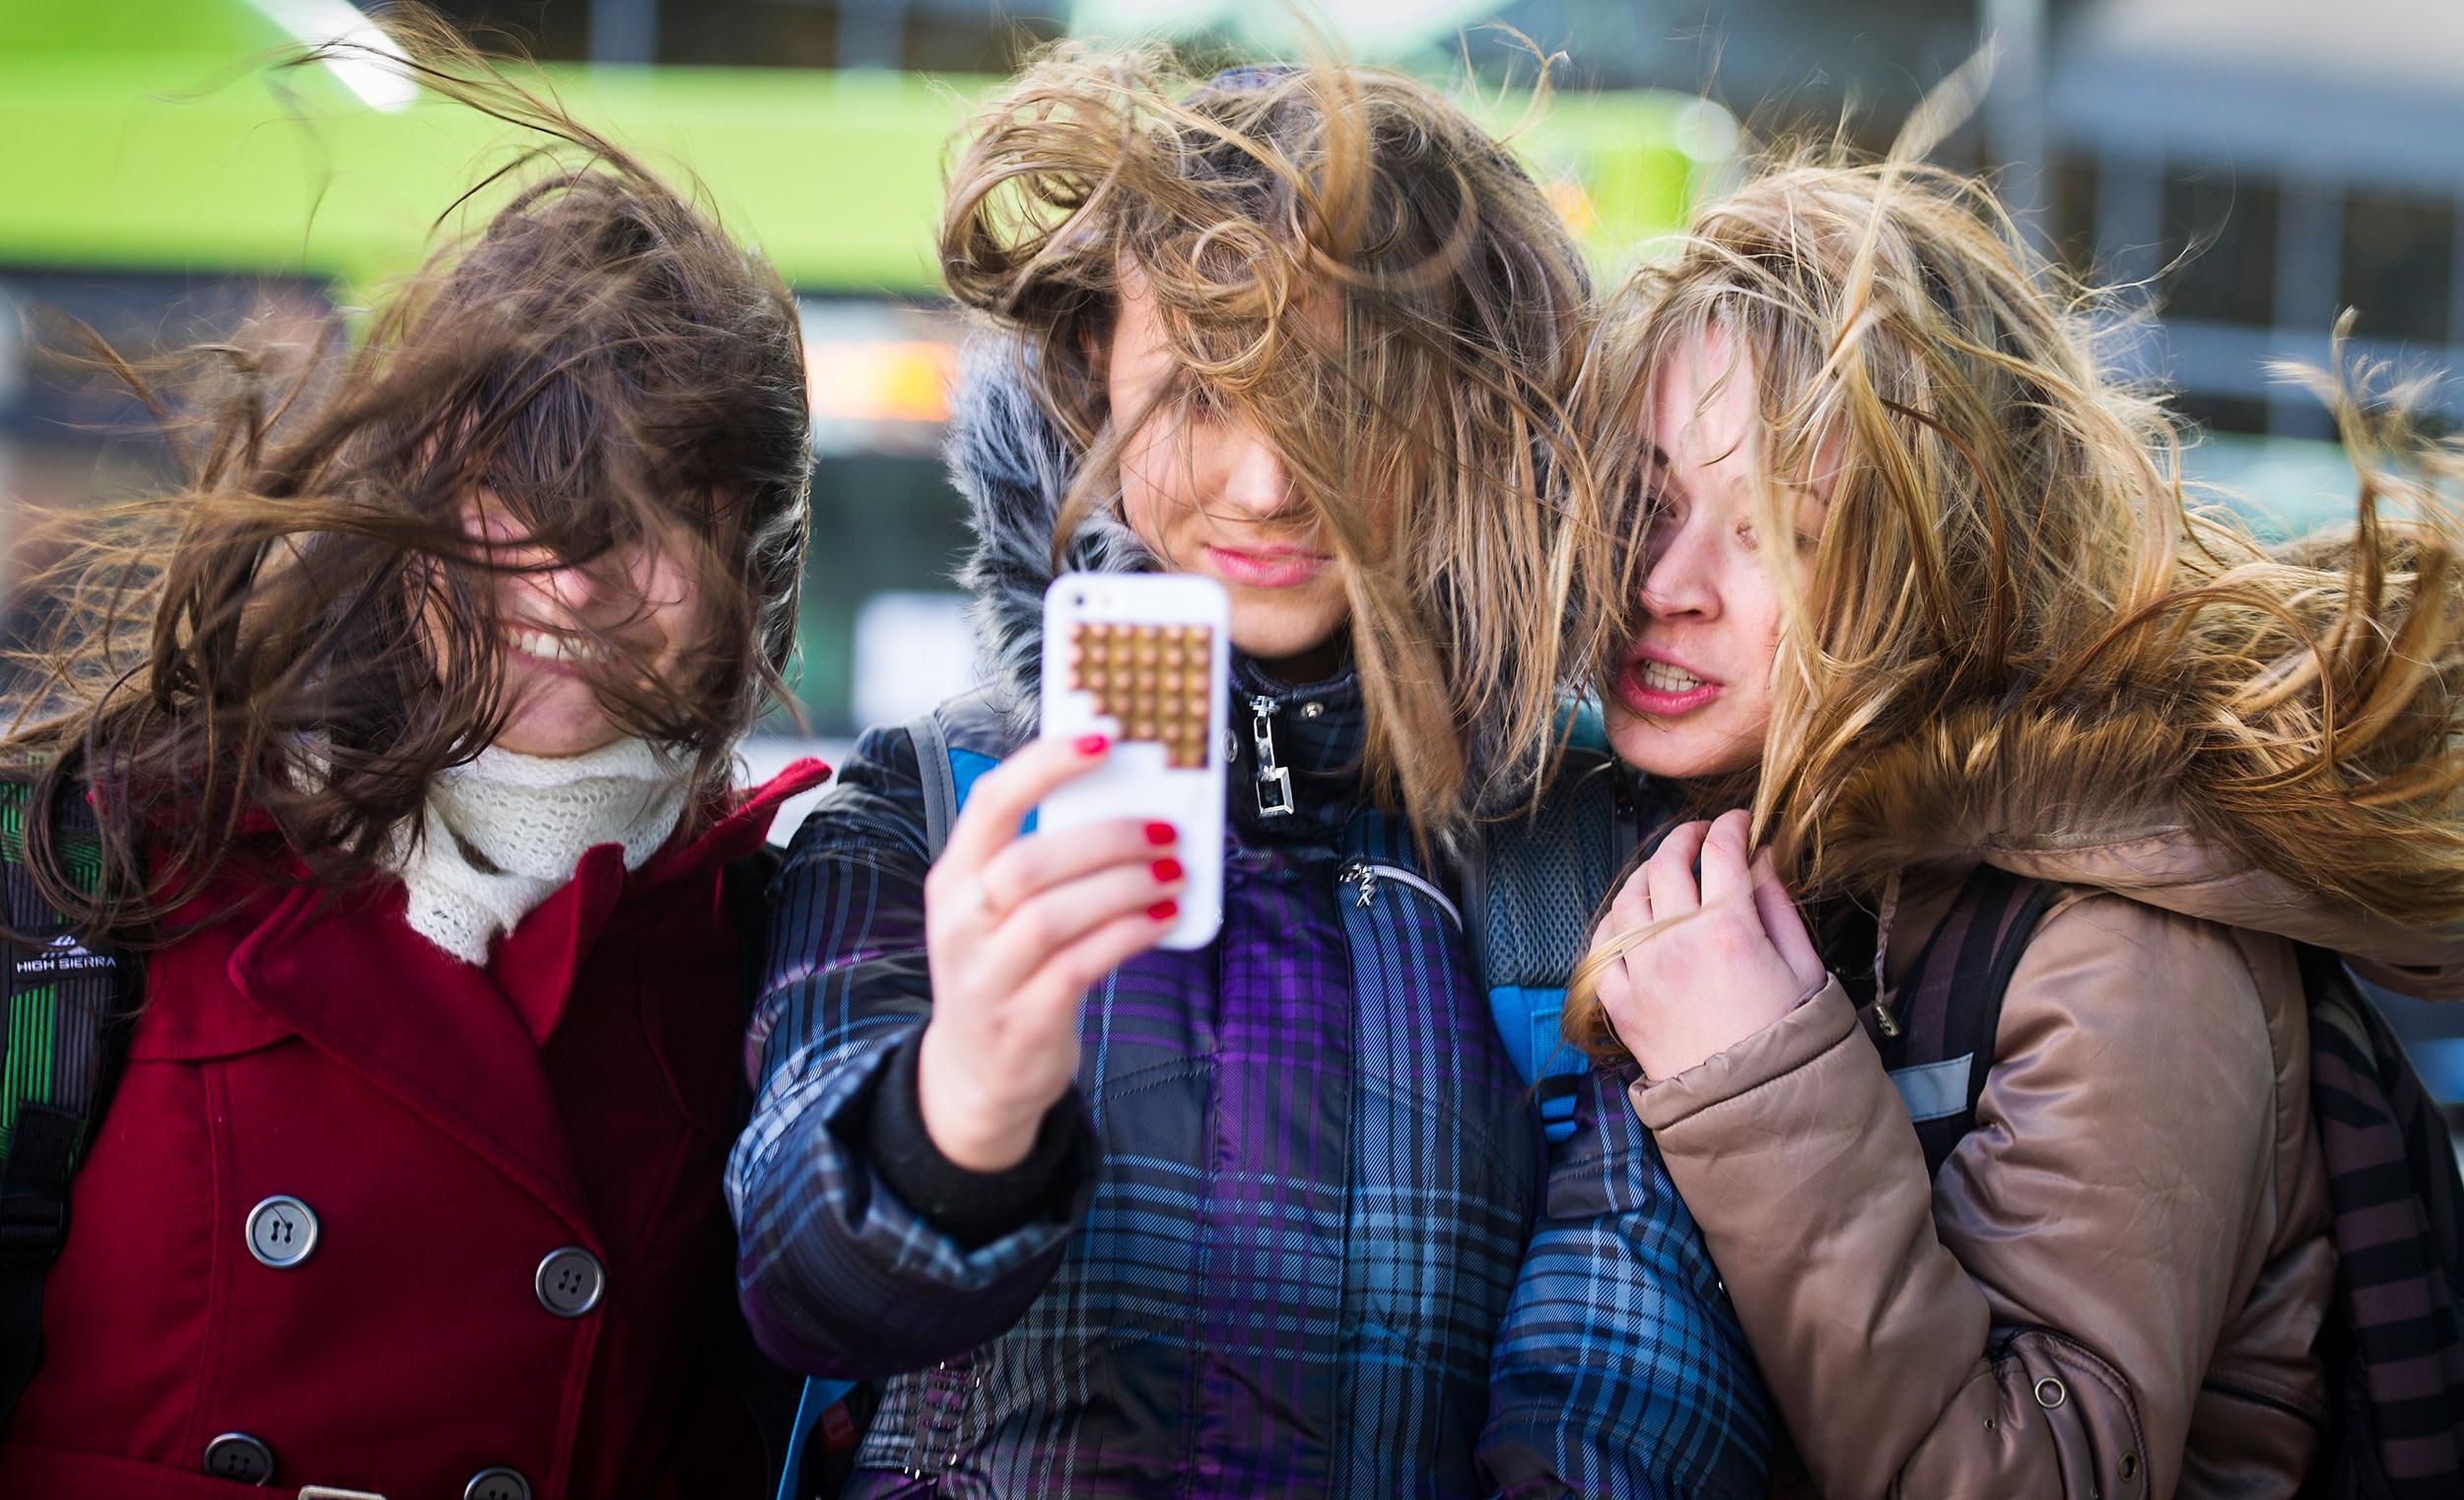 """Excesso de """"selfies"""" pode estar ligado à baixa autoestima, diz estudo"""